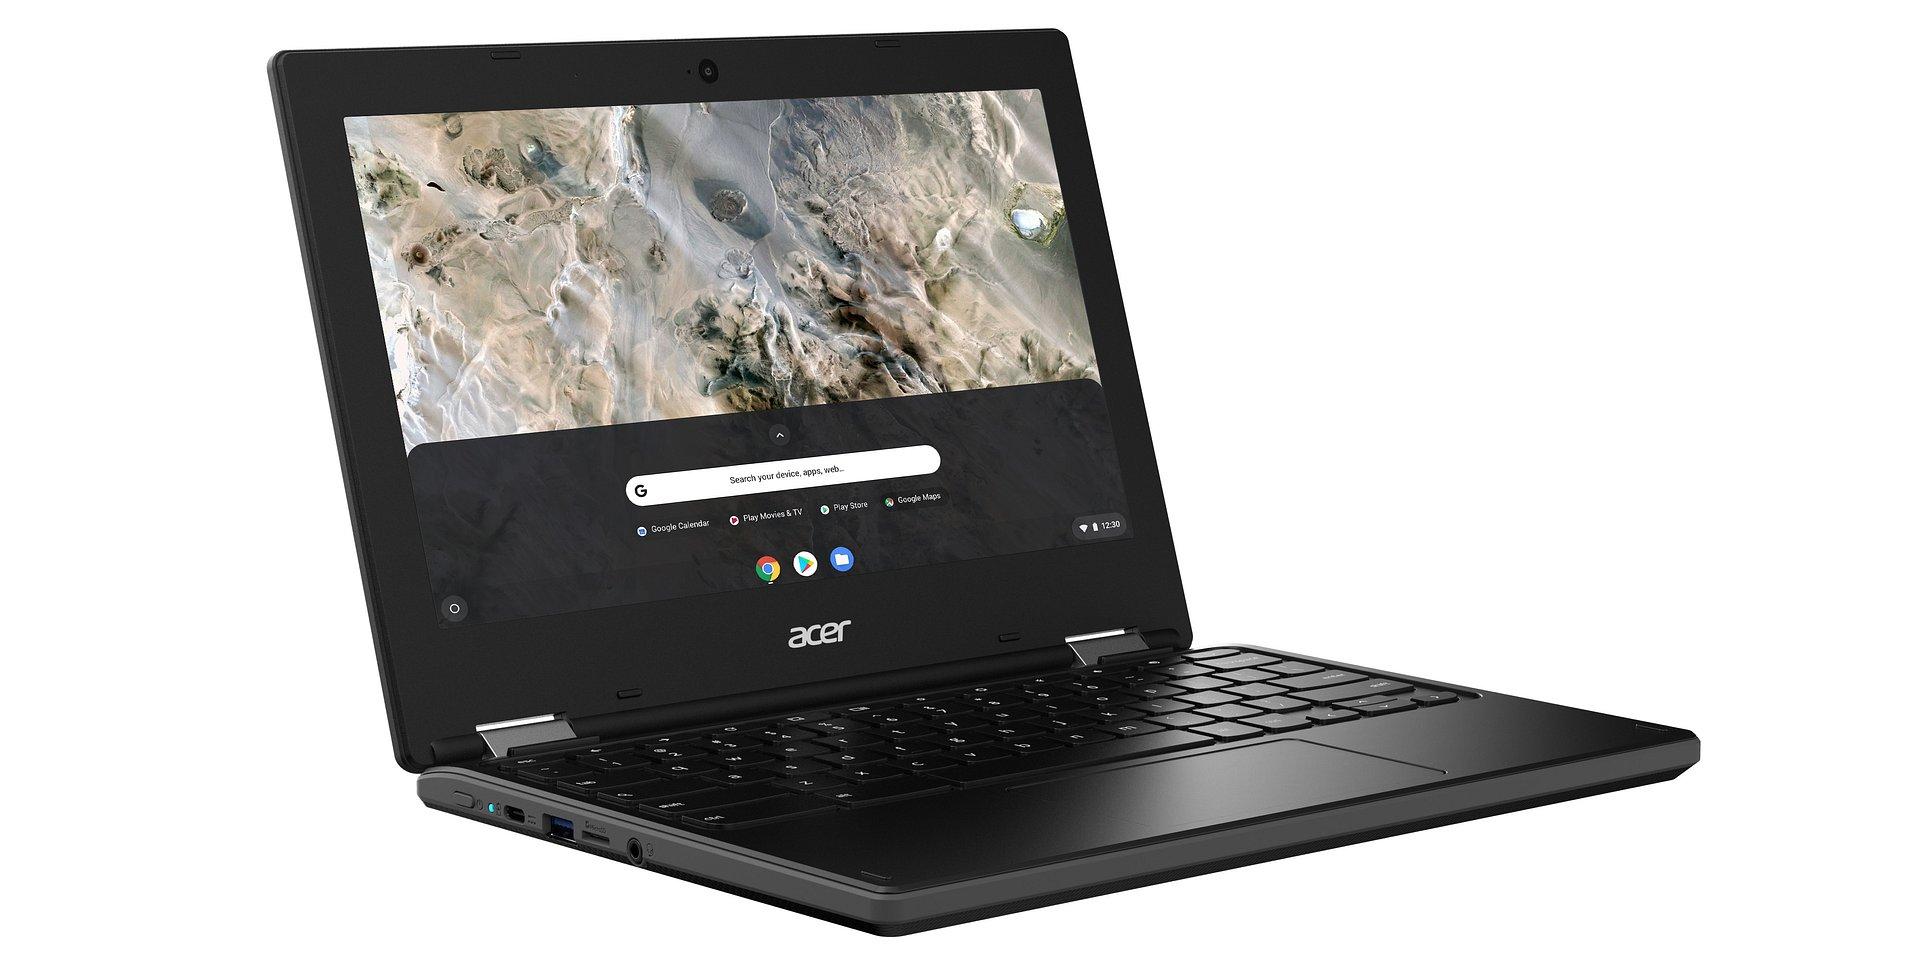 Nowe i odporne Chromebooki. Z myślą o nauce w przedszkolu i szkole